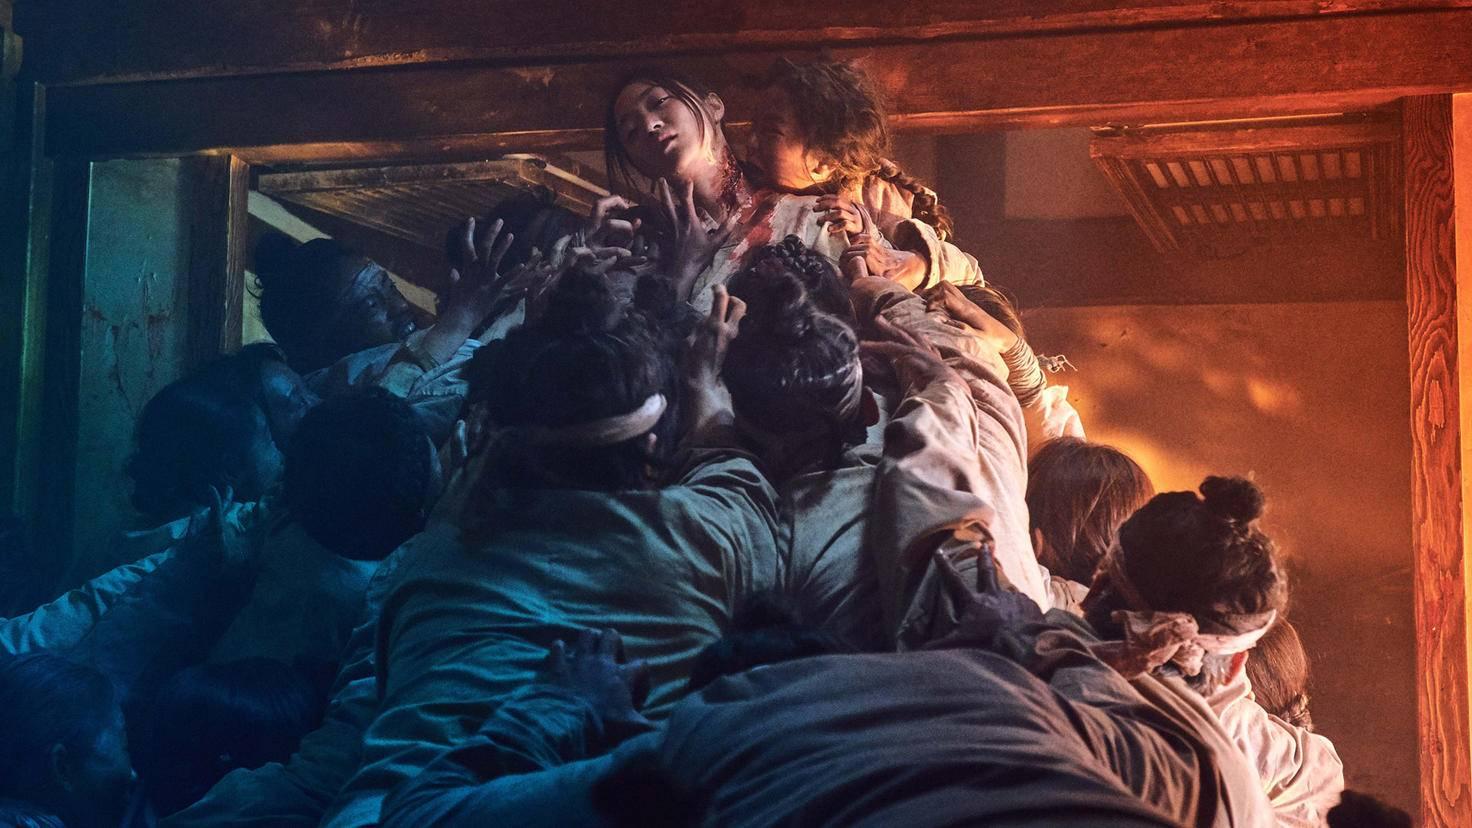 Selbst die blutigen Szenen fallen in der südkoreanischen Zombie-Serie gleich ein bisschen sehenswerter aus.